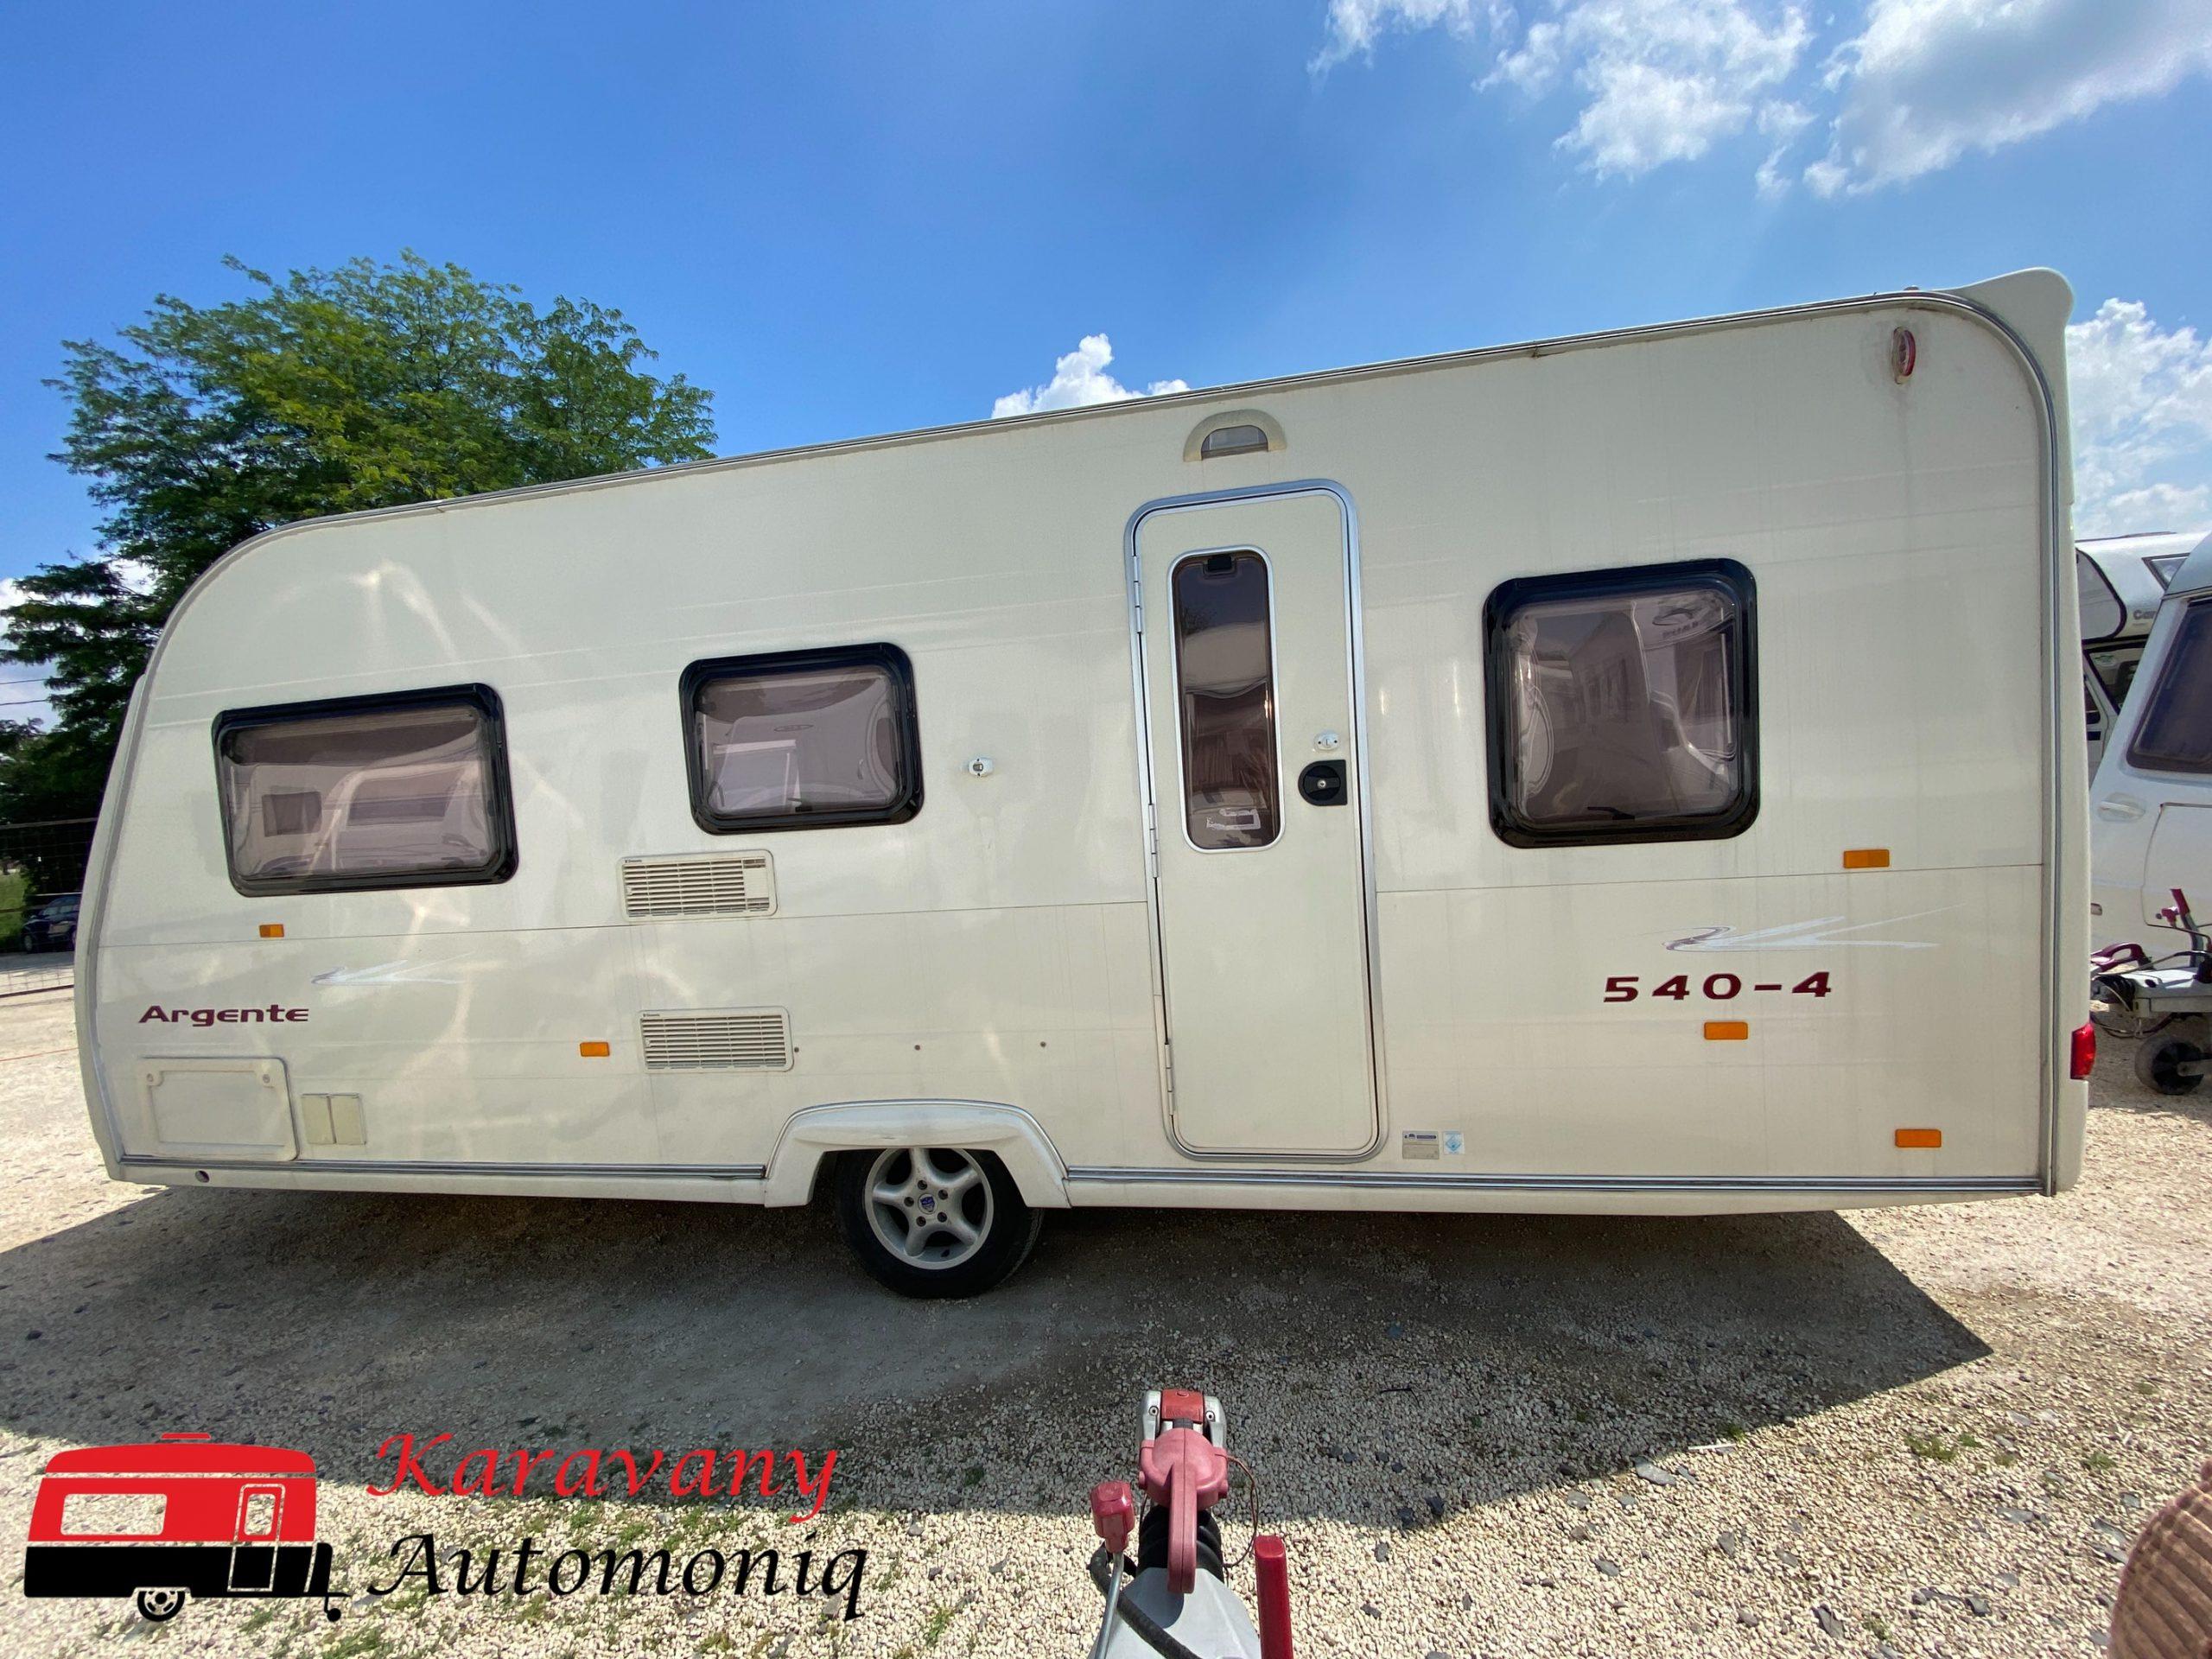 Anglický karavan Avondale Argente 540-4- predaný Image